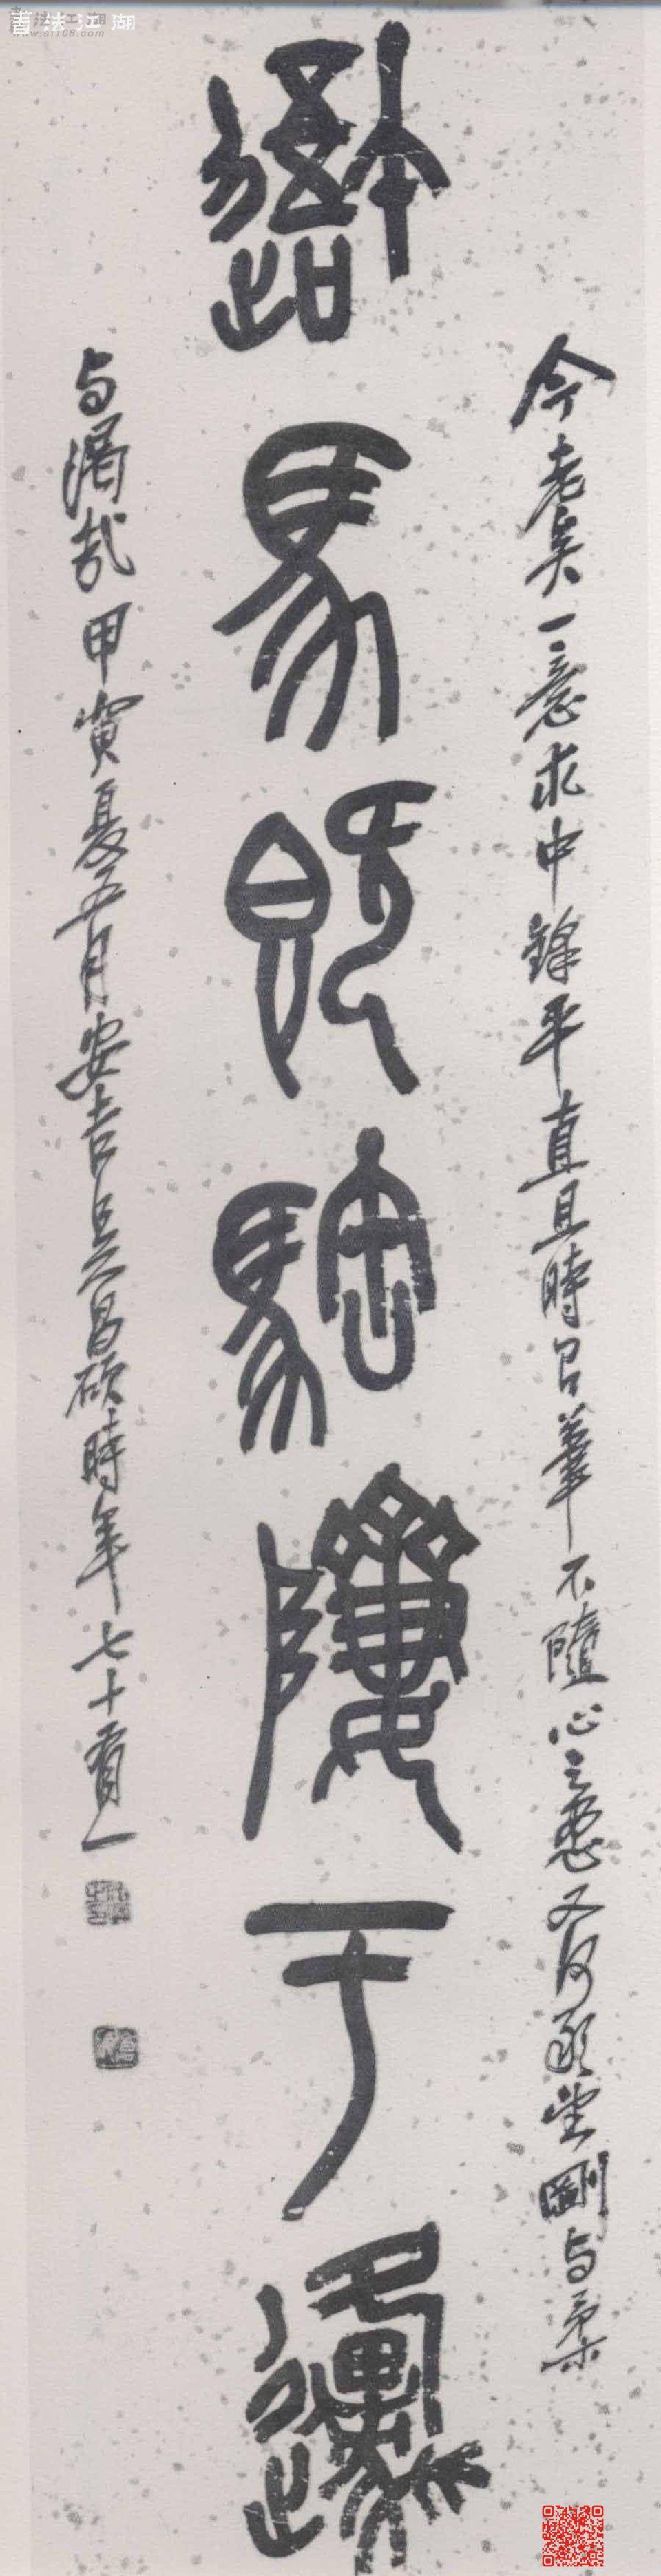 1-1-1吴昌硕石鼓文集联b.jpg